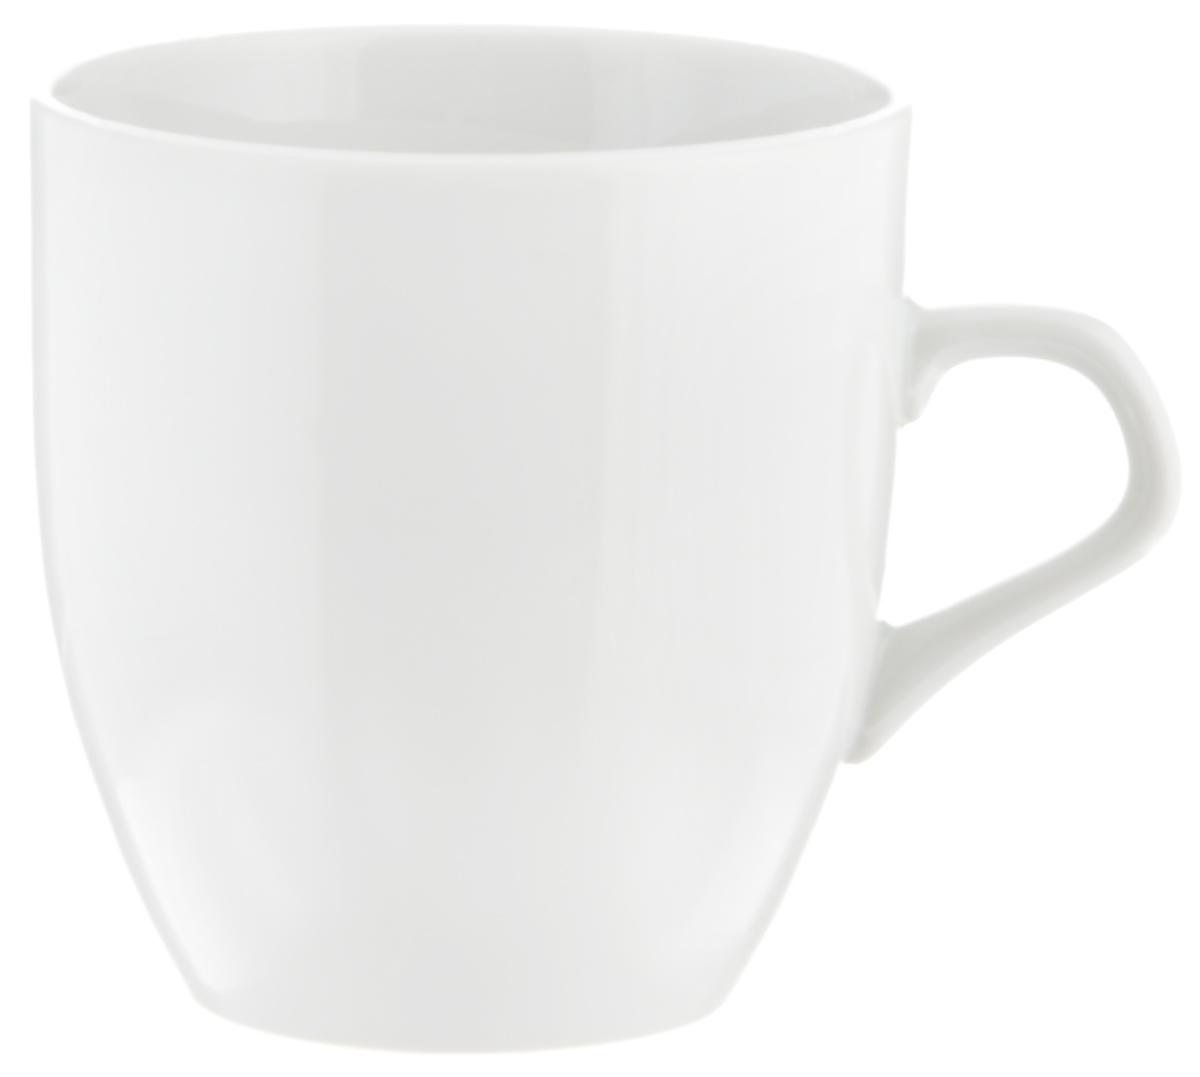 Кружка Фарфор Вербилок Тюльпан, 270 мл3903000БКрасивая кружка Фарфор Вербилок Тюльпан способна скрасить любое чаепитие. Изделие выполнено из высококачественного фарфора. Посуда из такого материала позволяет сохранить истинный вкус напитка, а также помогает ему дольше оставаться теплым. Объем кружки: 270 мл. Диаметр по верхнему краю: 8,2 см. Диаметр основания: 5,5 см. Высота кружки: 8,5 см.